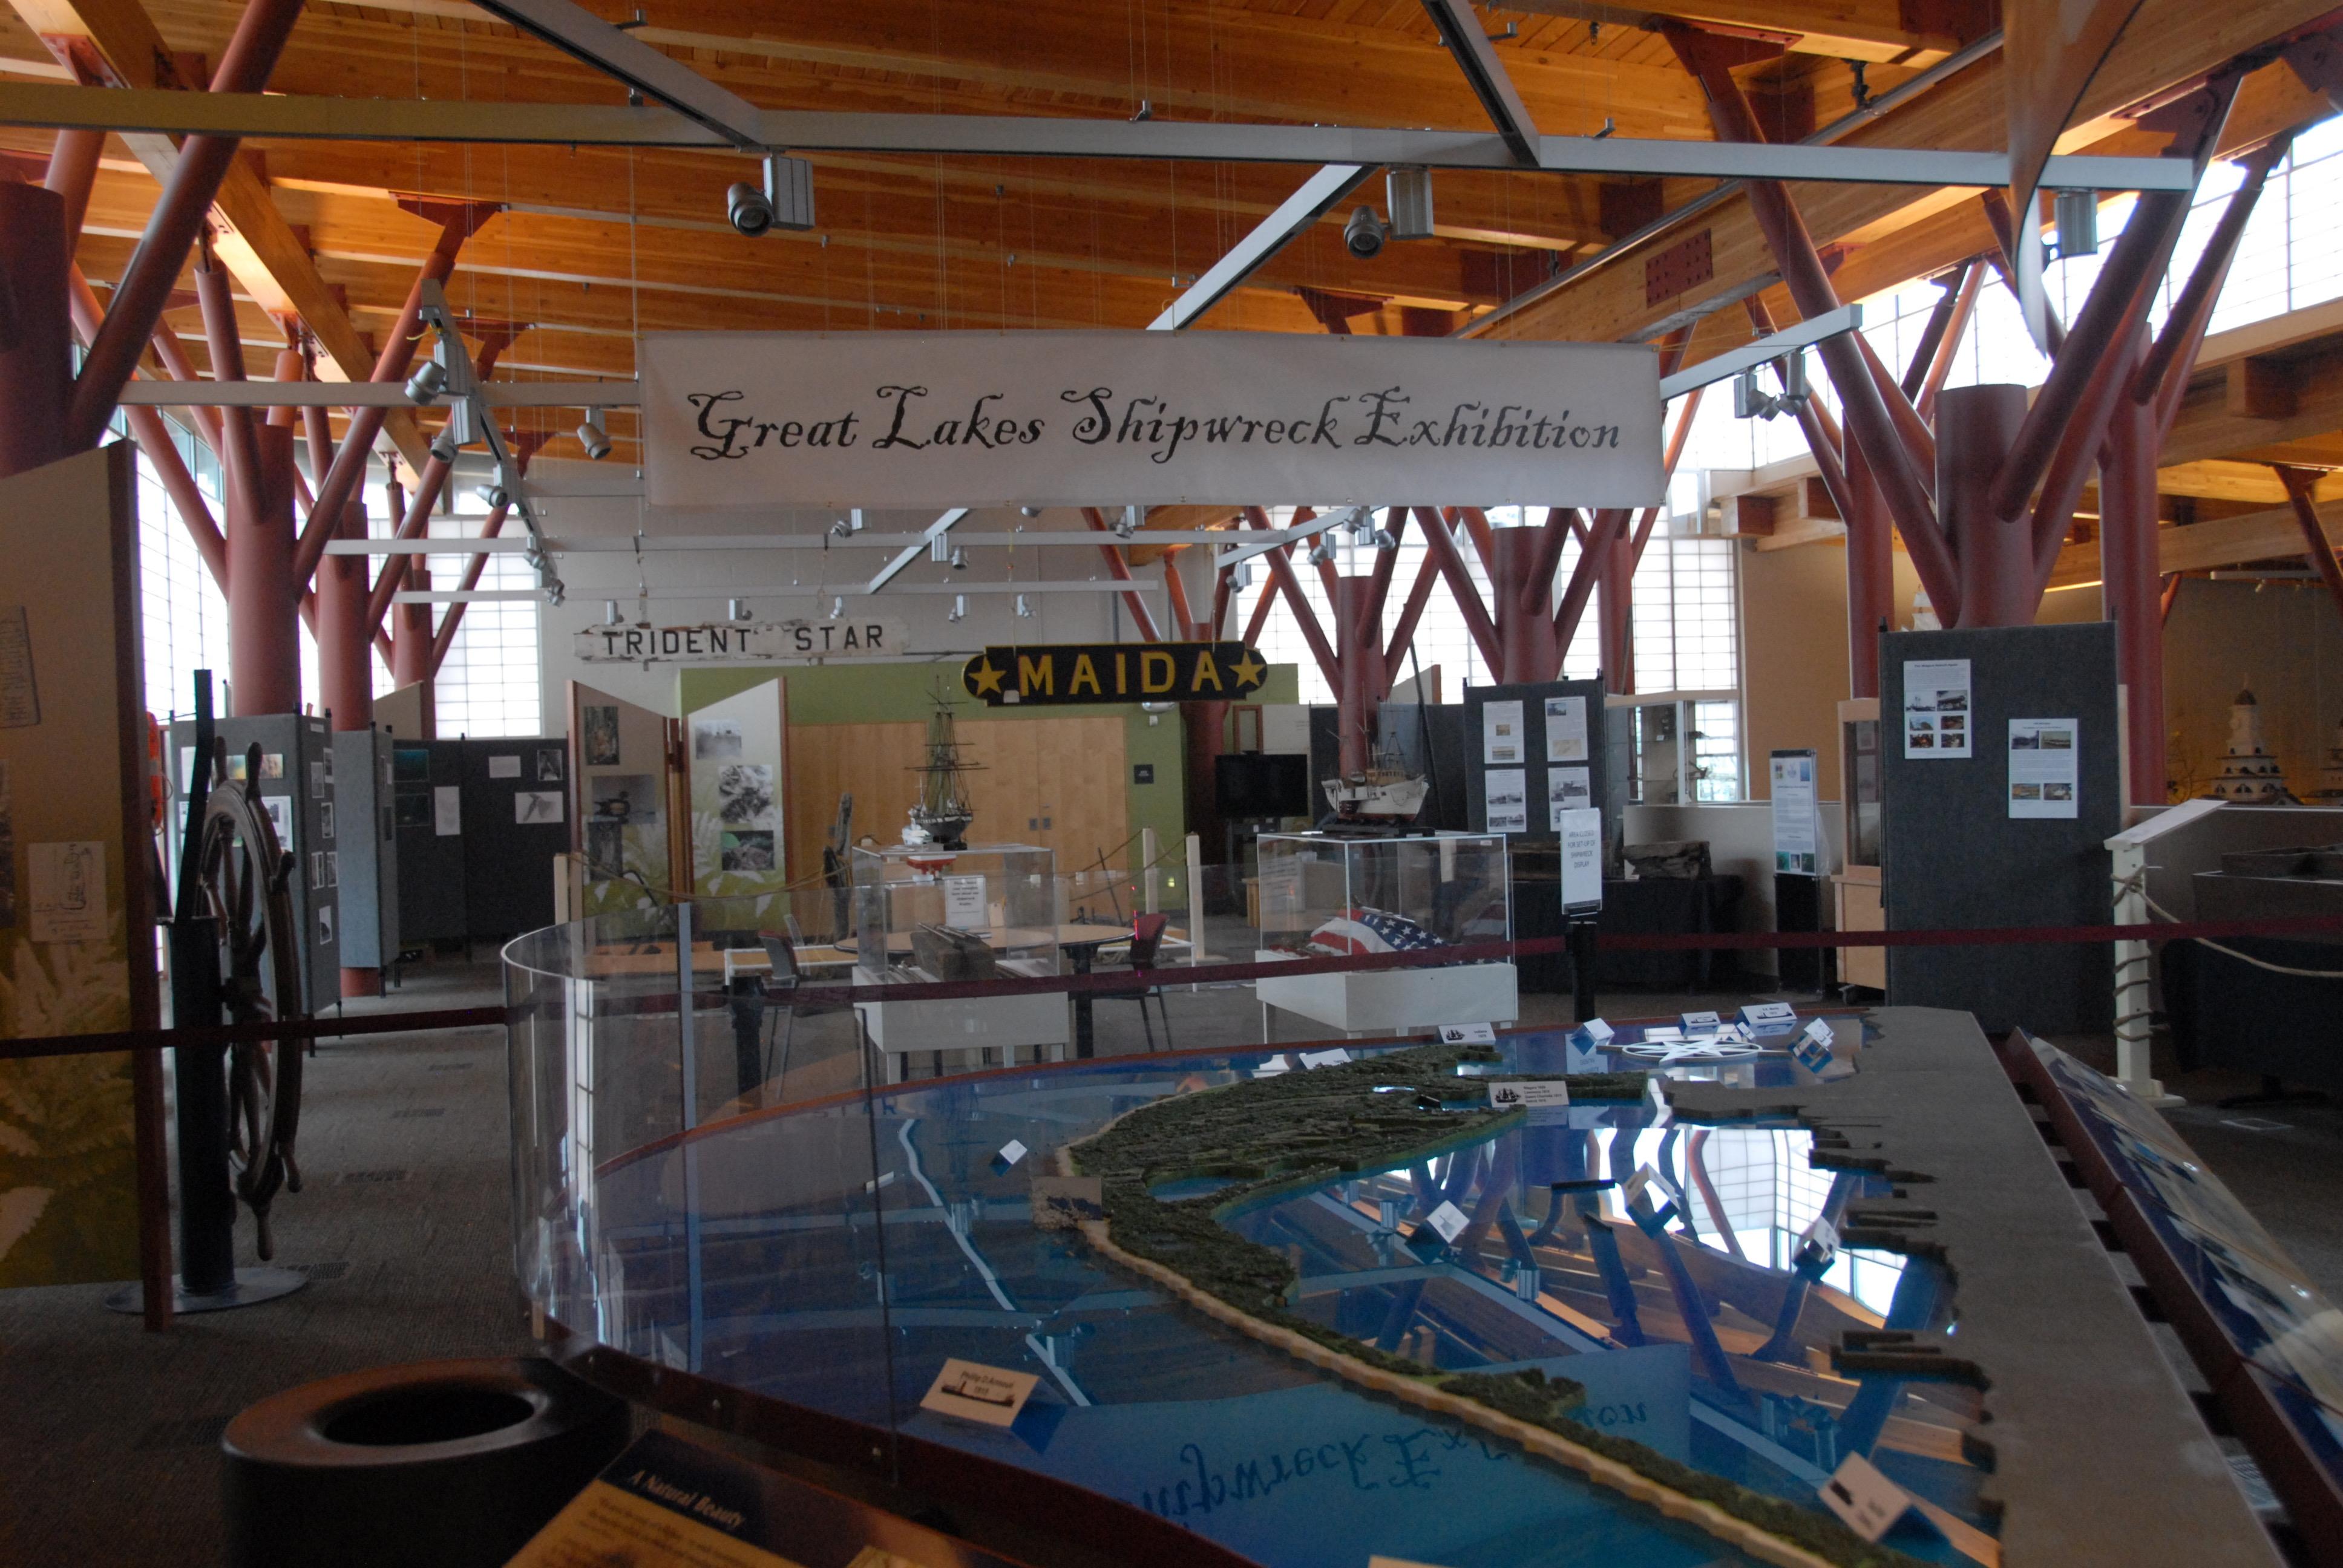 Great Lakes Shipwreck exhibit, Erie PA